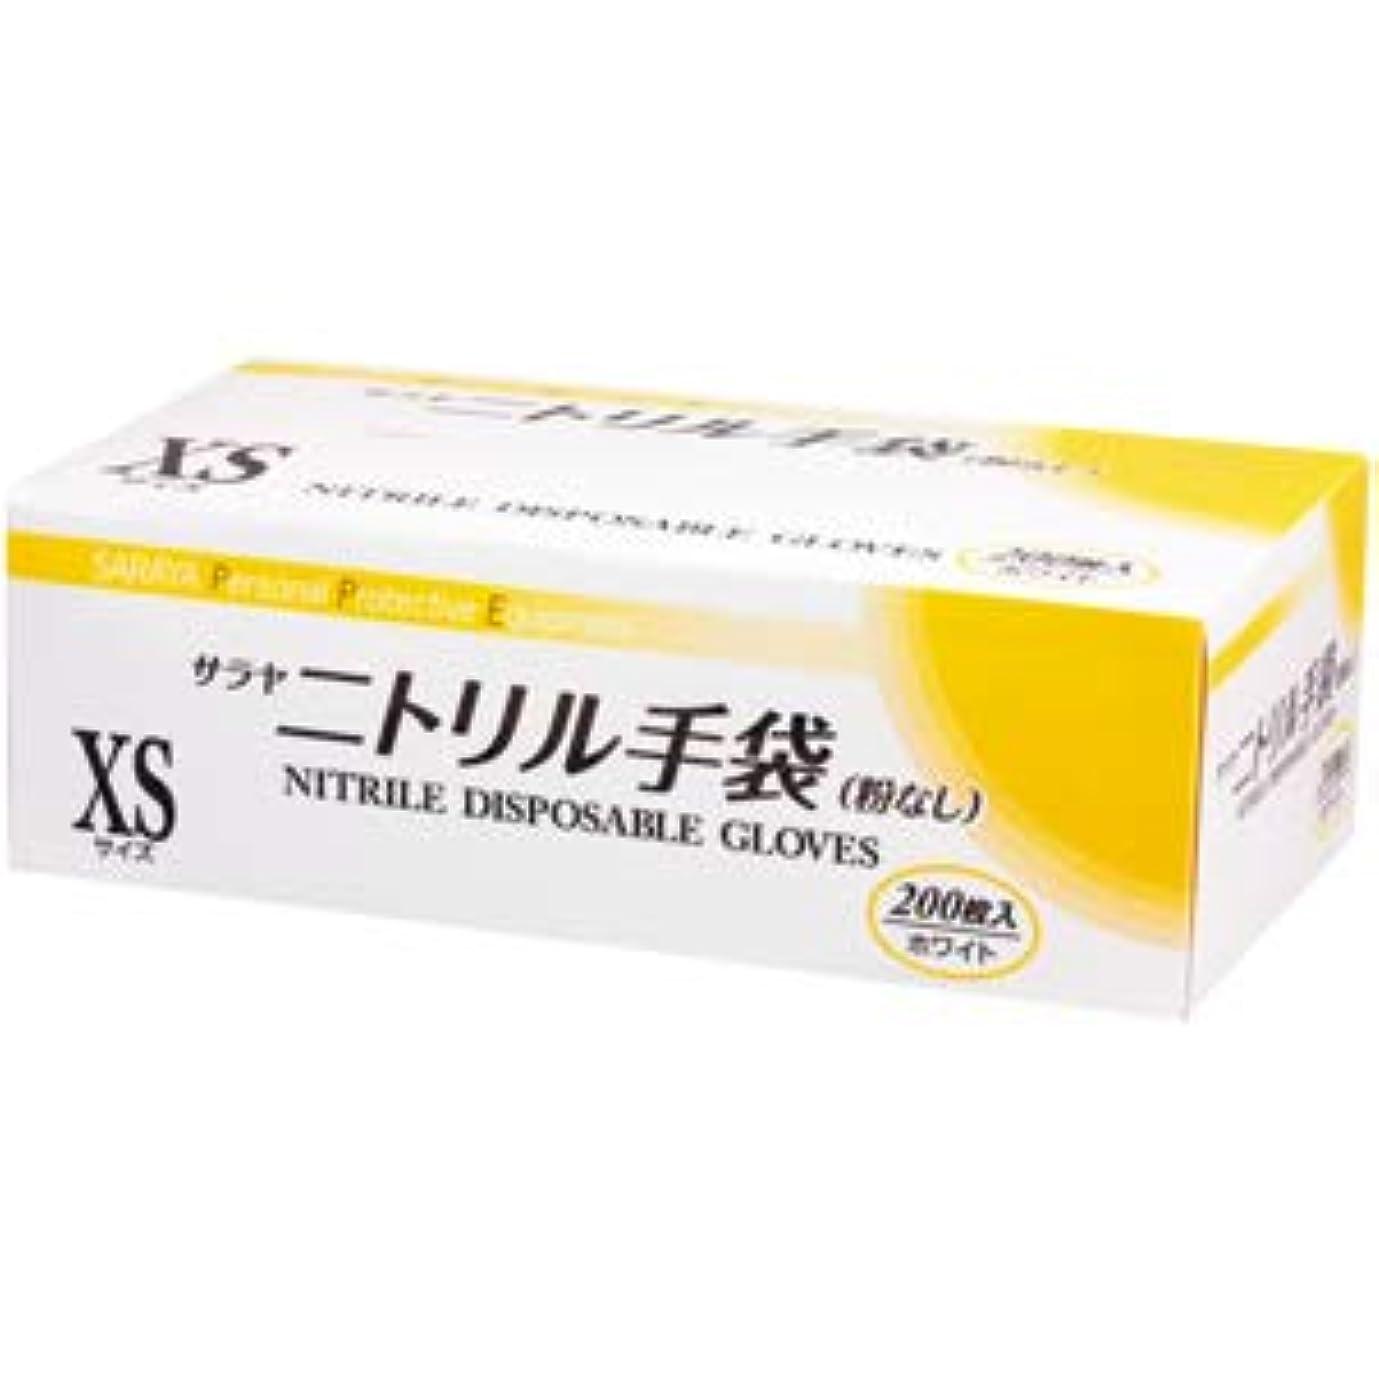 フルーツ野菜メドレーテクトニックサラヤ ニトリル手袋 ホワイト XS 200枚×10箱 51073